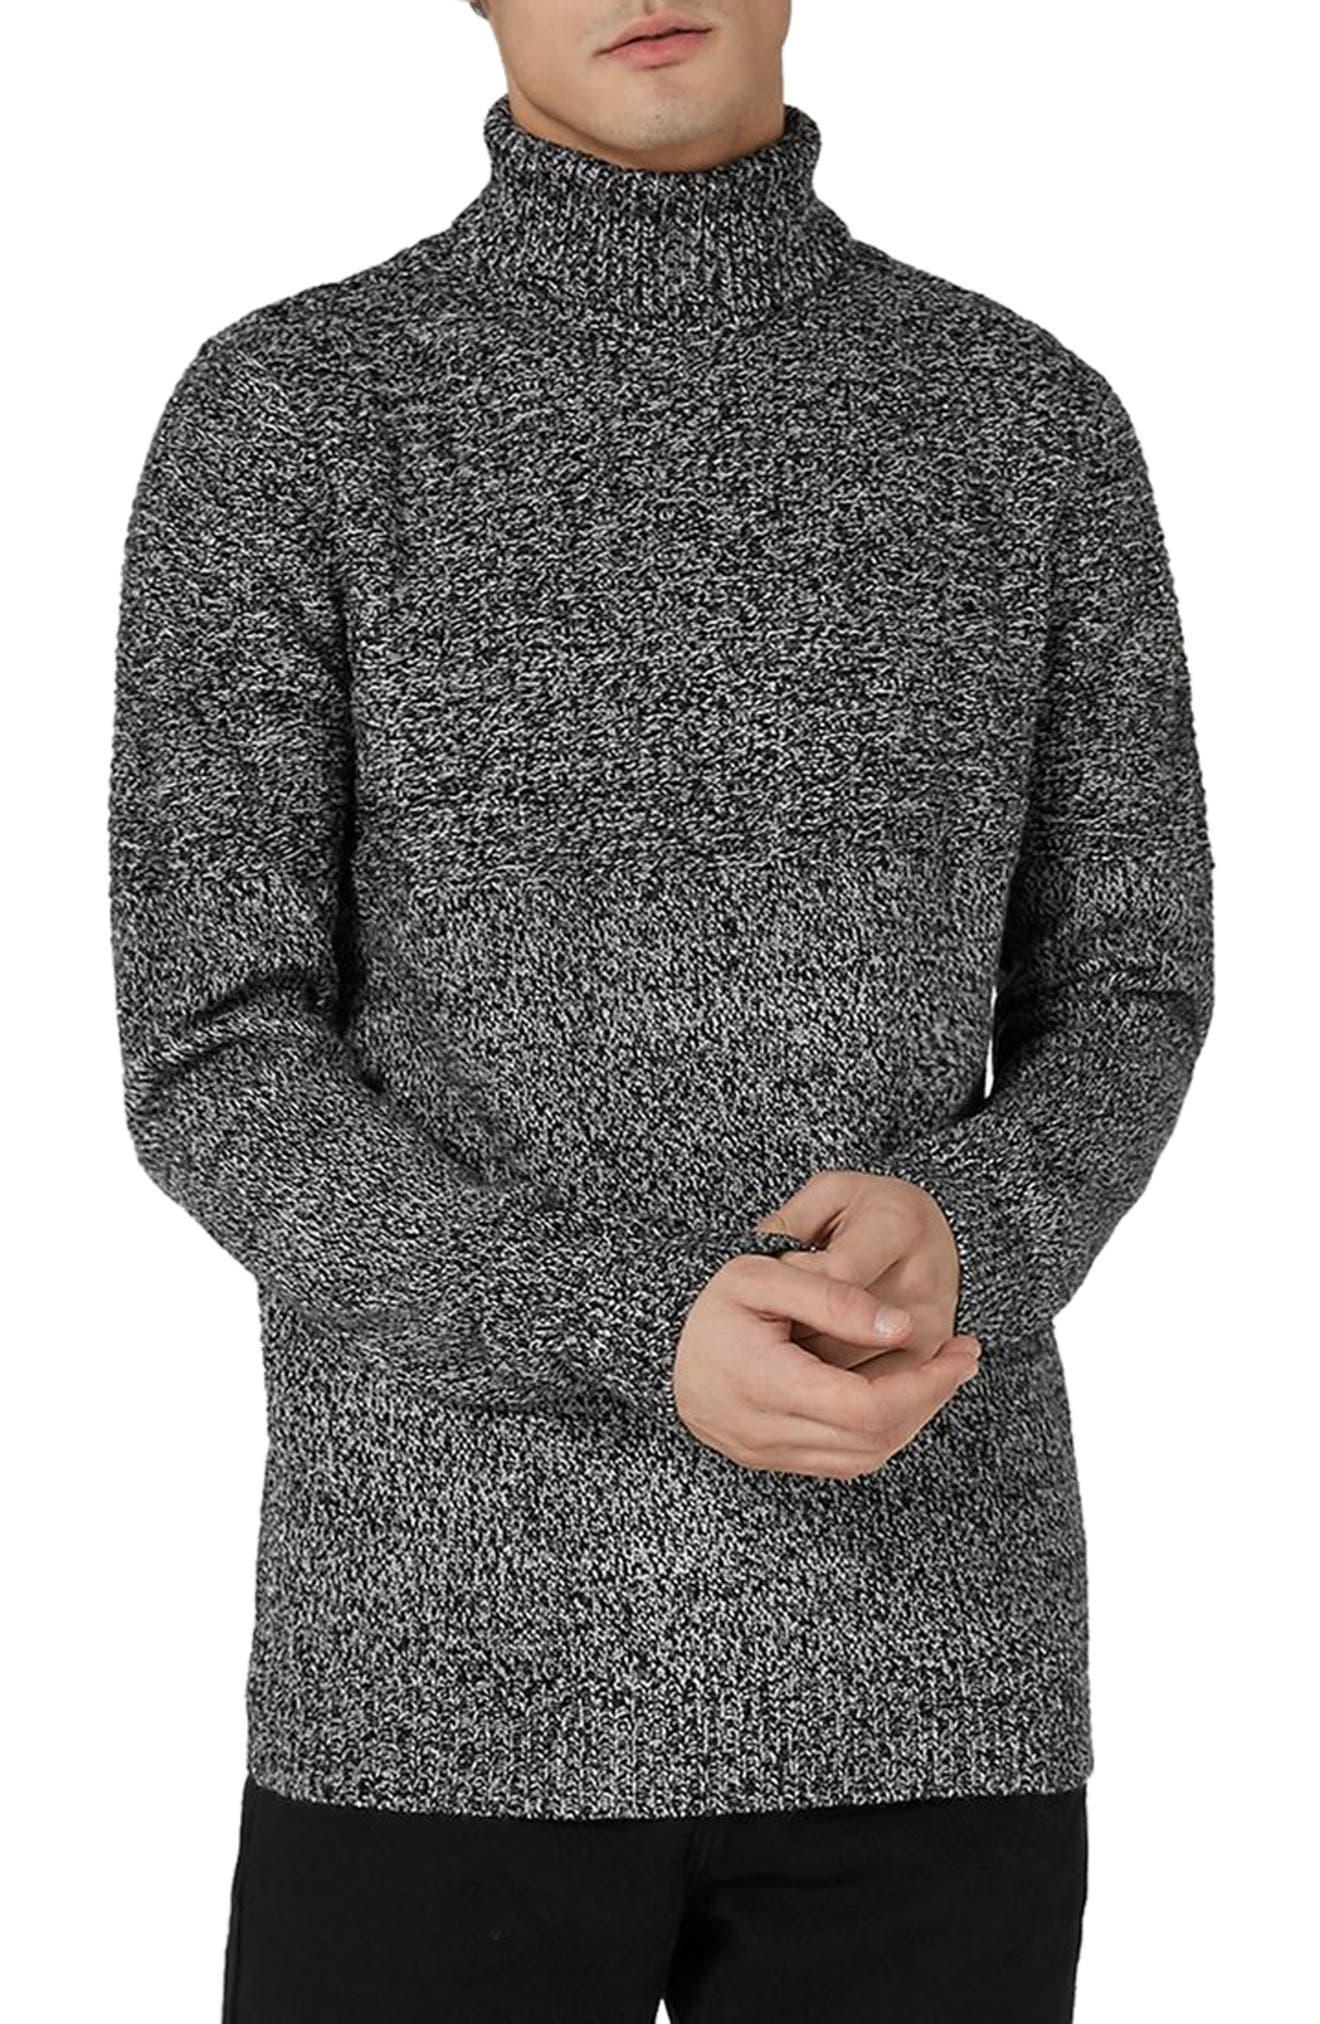 Topman Twist Roll Neck Sweater